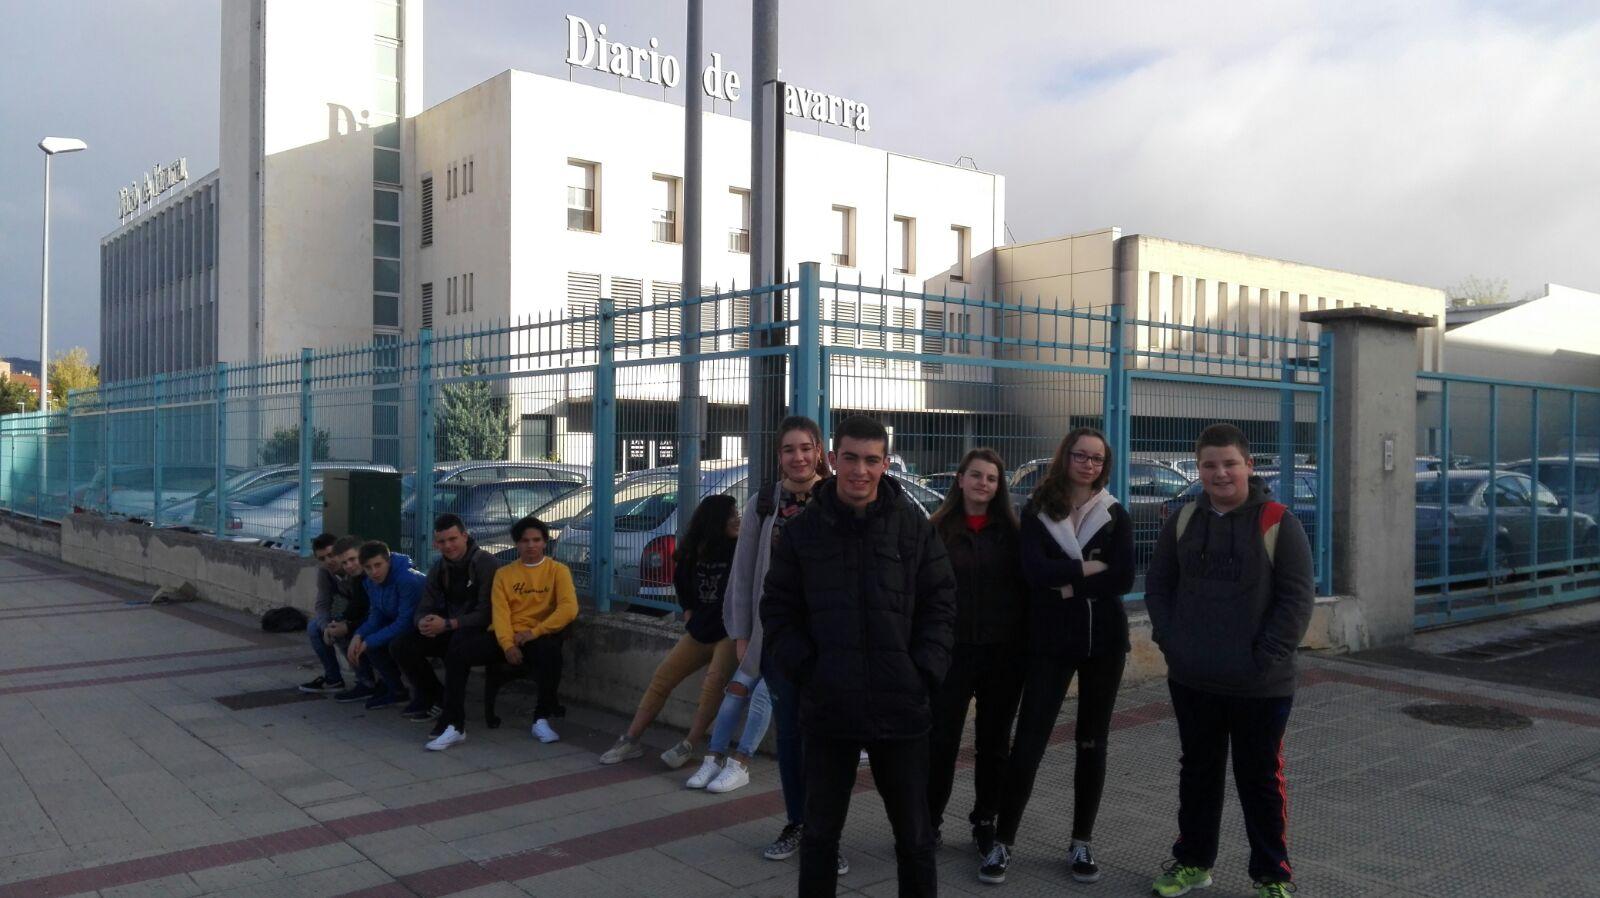 Visita de los alumnos de 4º de ESO al Diario de Navarra